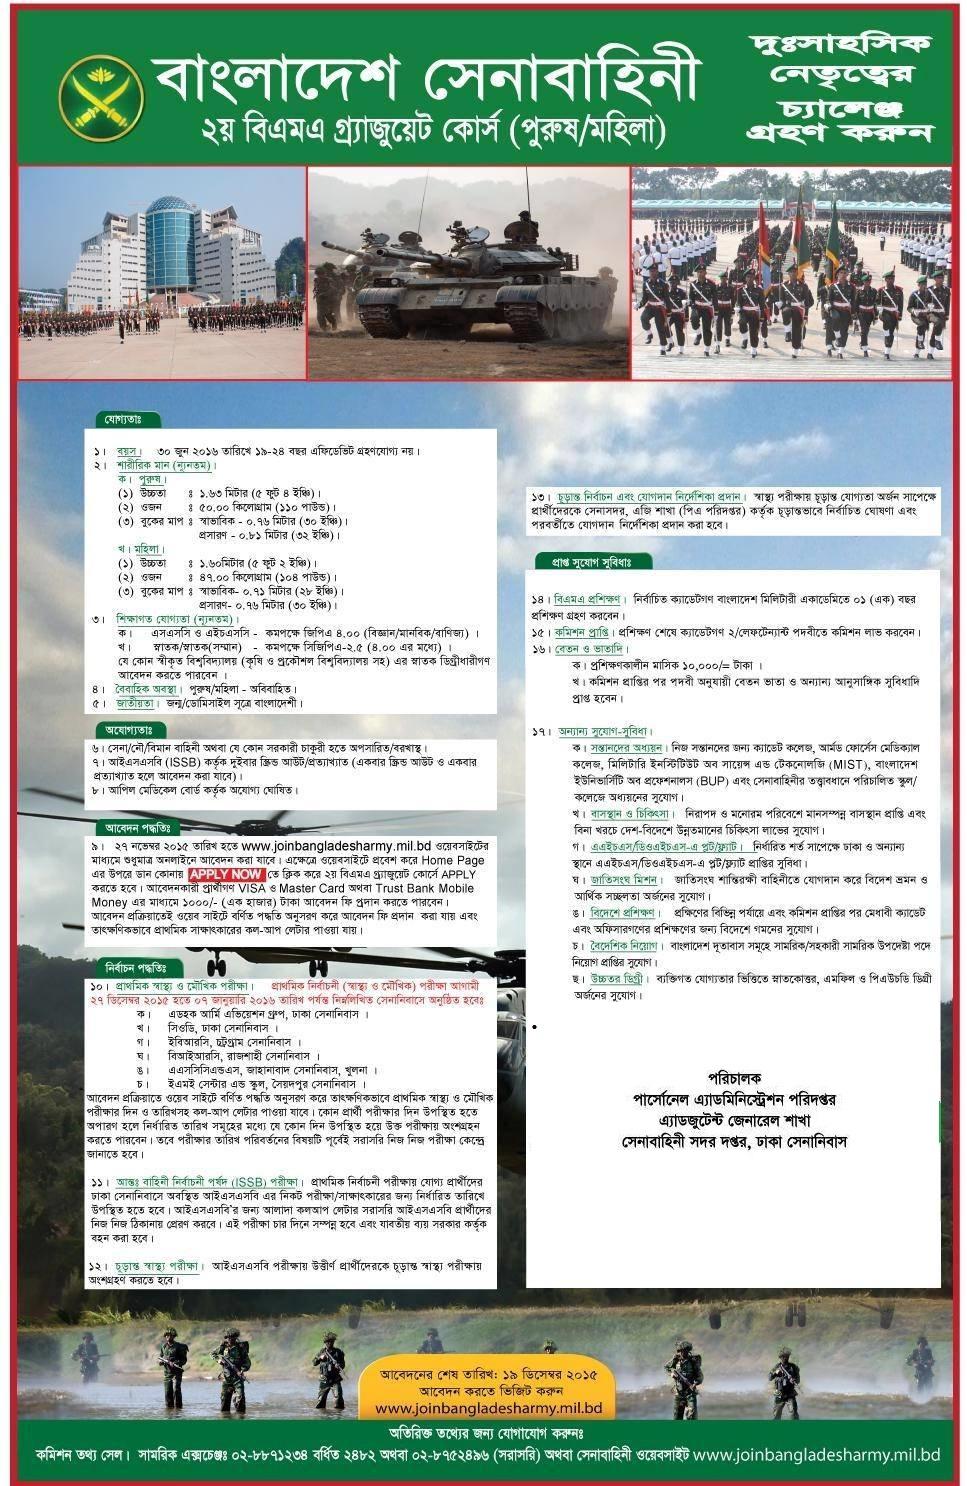 ২য়-বিএমএ-গ্র্যাজুয়েট-কোর্স-(বাংলাদেশ-আর্মি)-আবেদন-শেষ-সময়-১৯-ডিসেম্বর-২০১৫-যেকোন-বিশ্ববিদ্যালয়-থেকে-অনার্স-পাশ-করা-গ্রাজুয়েটদের-জন্য